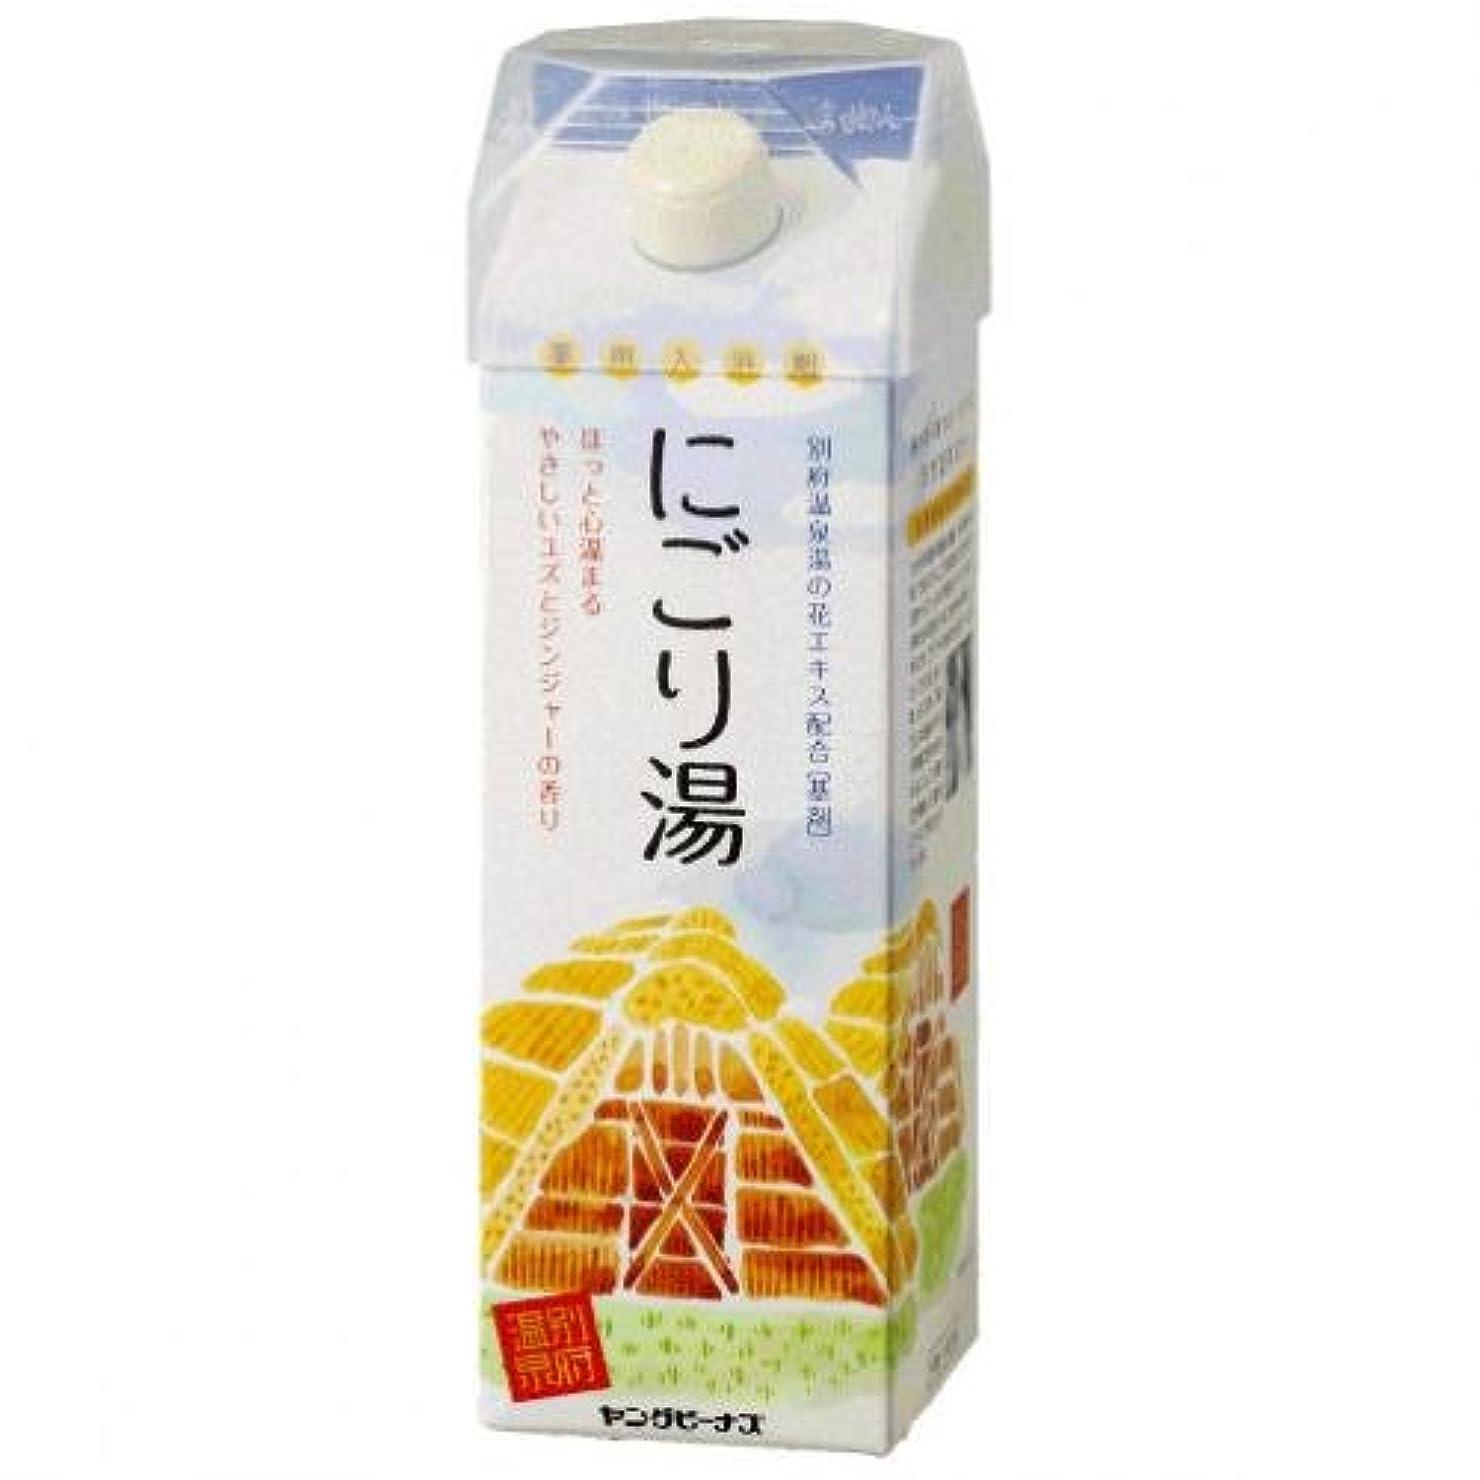 判定省冷淡なヤングビーナス薬品工業 薬用入浴剤 にごり湯 900g E-20M [医薬部外品]